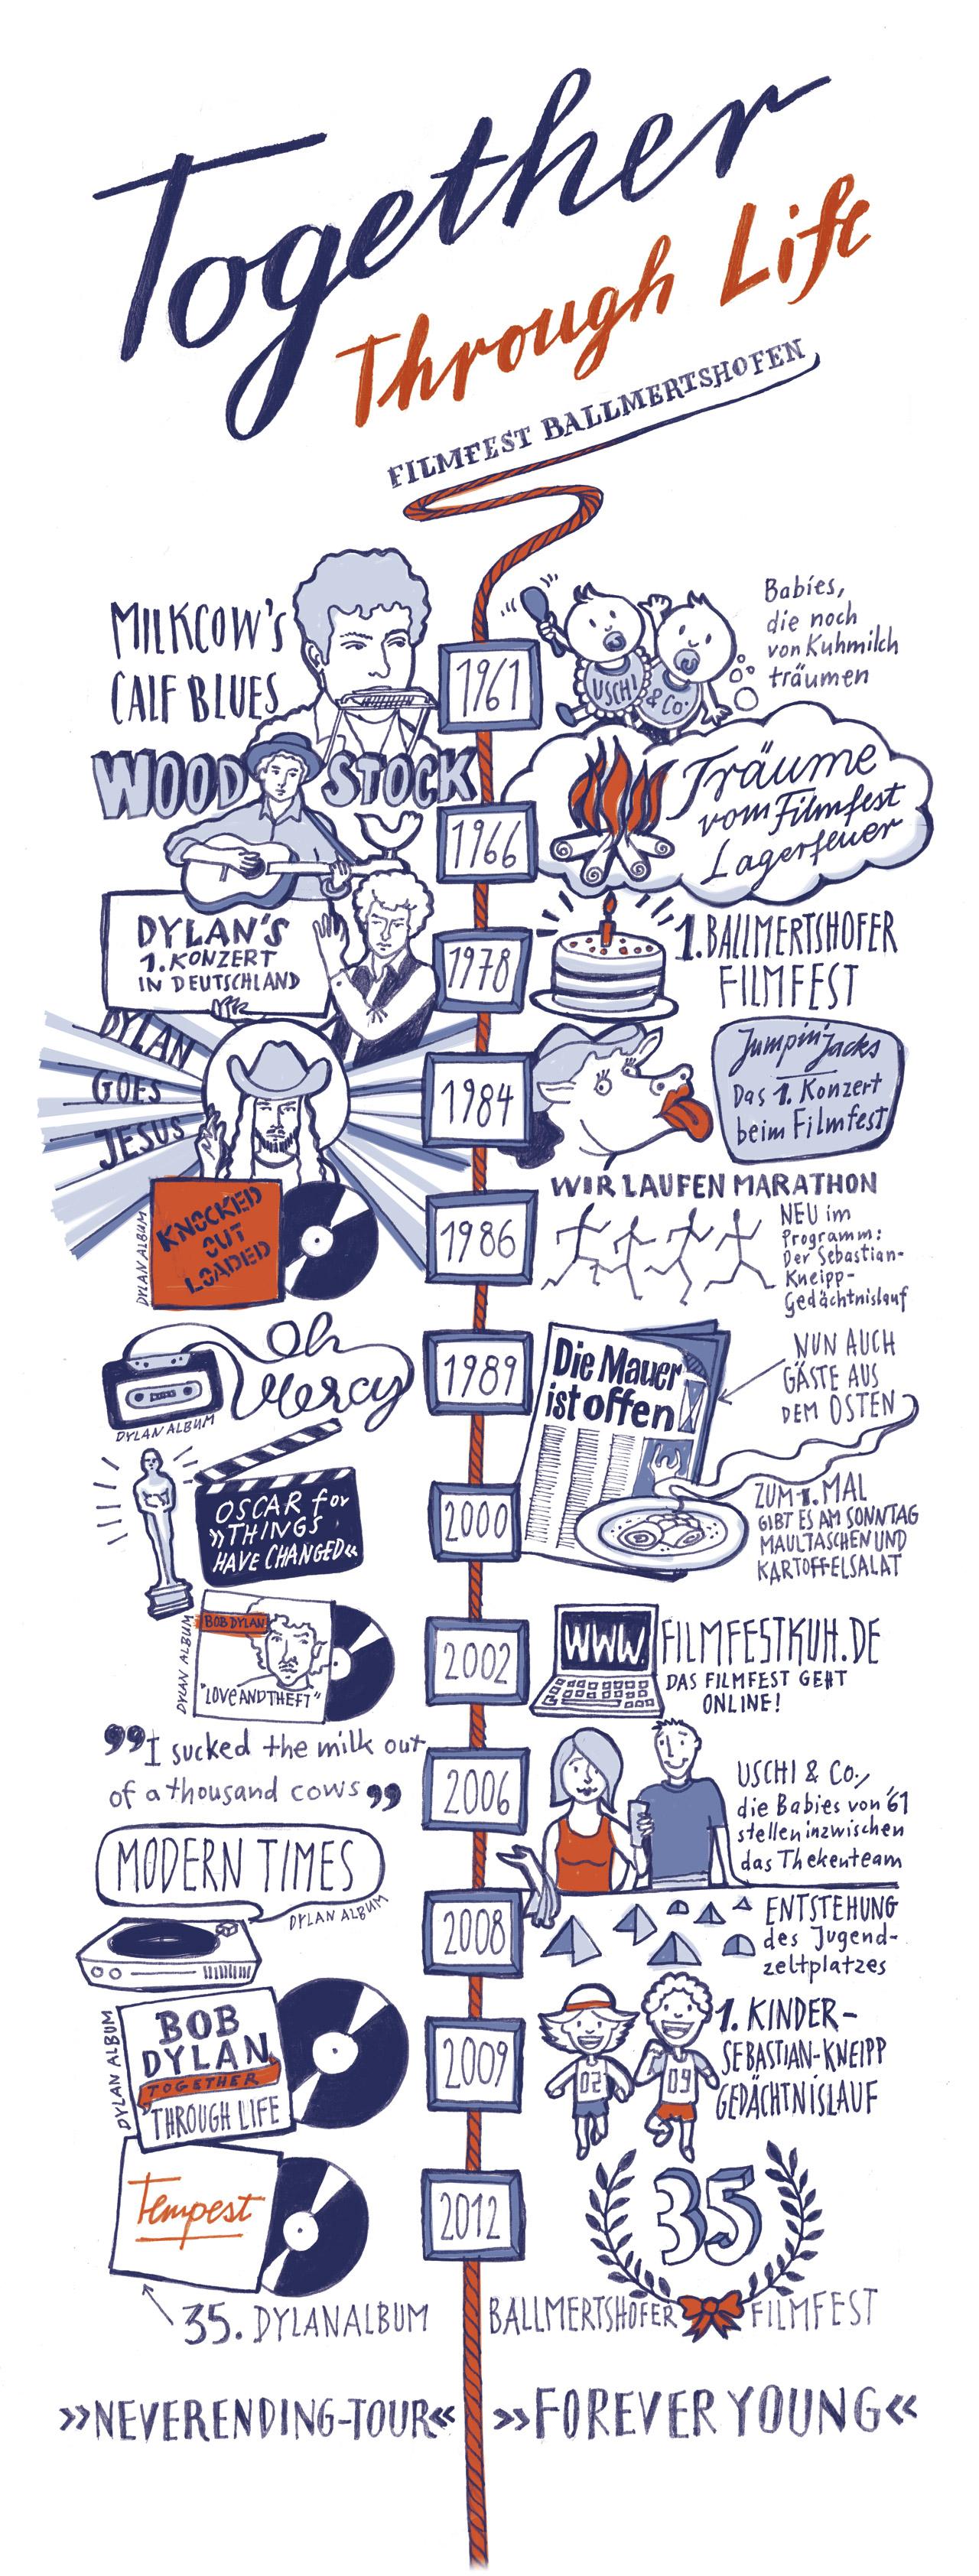 Geschichte des Ballmertshofer Filmfests